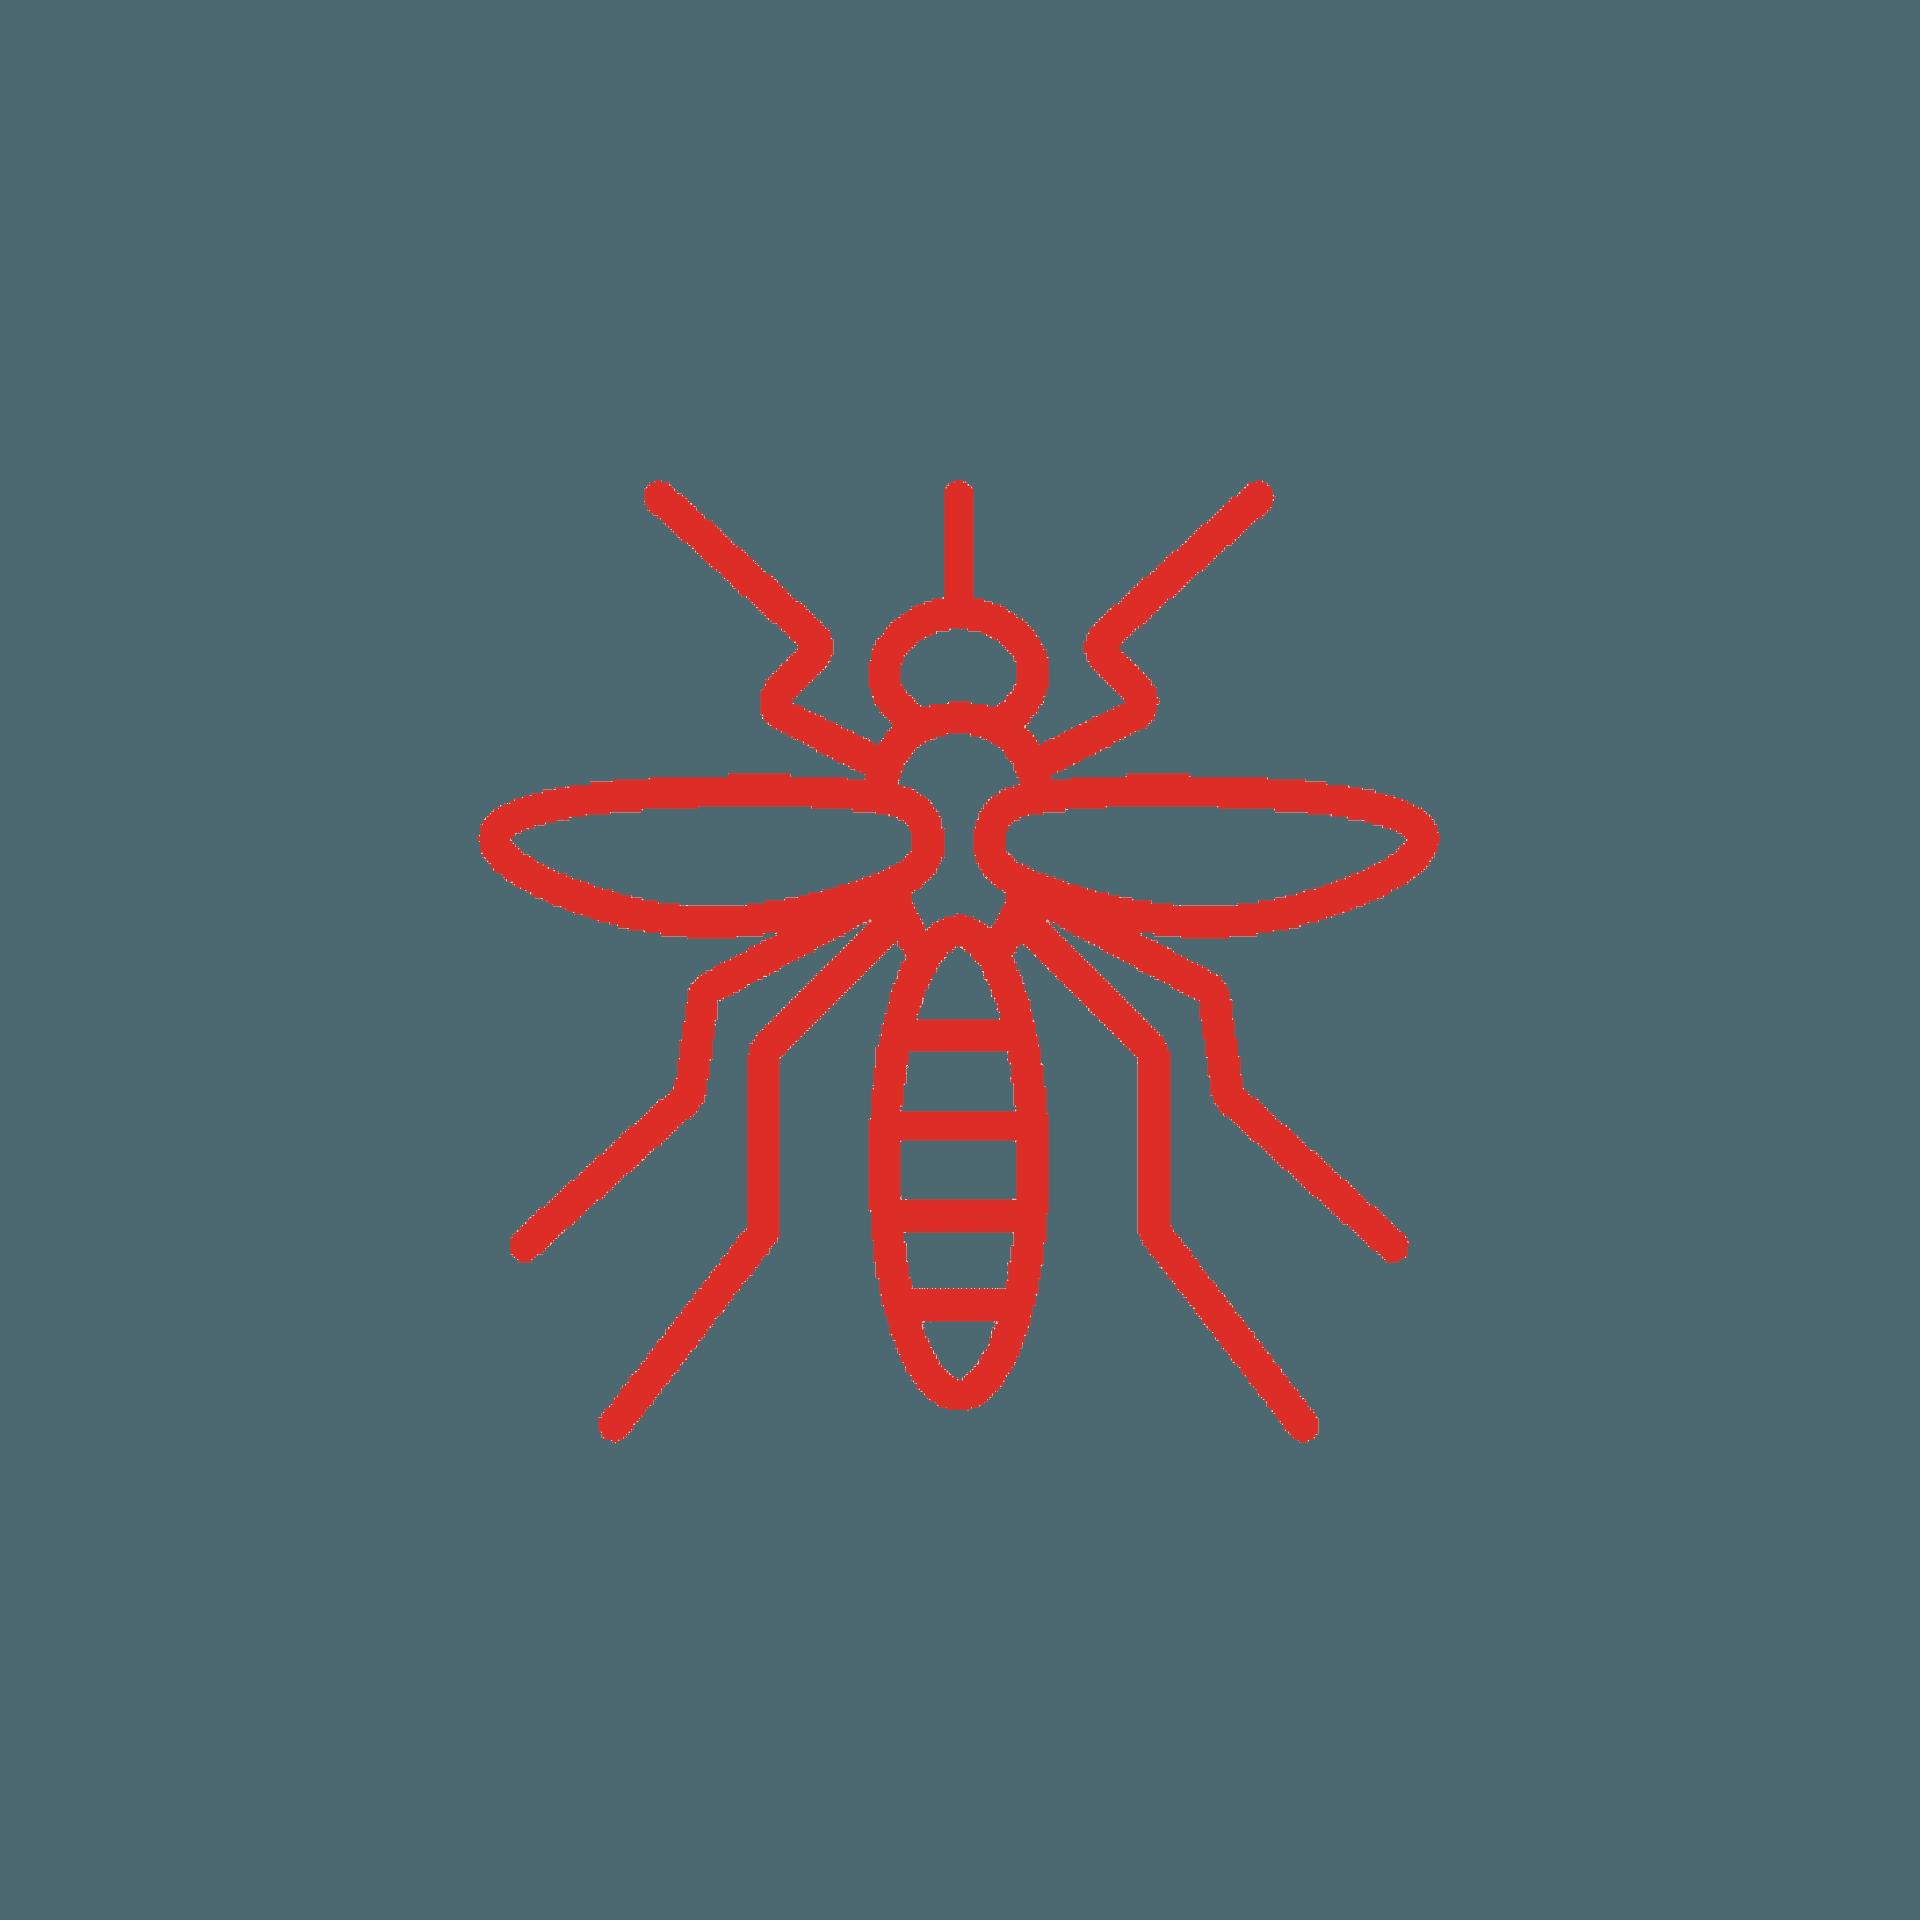 icona di una zanzara